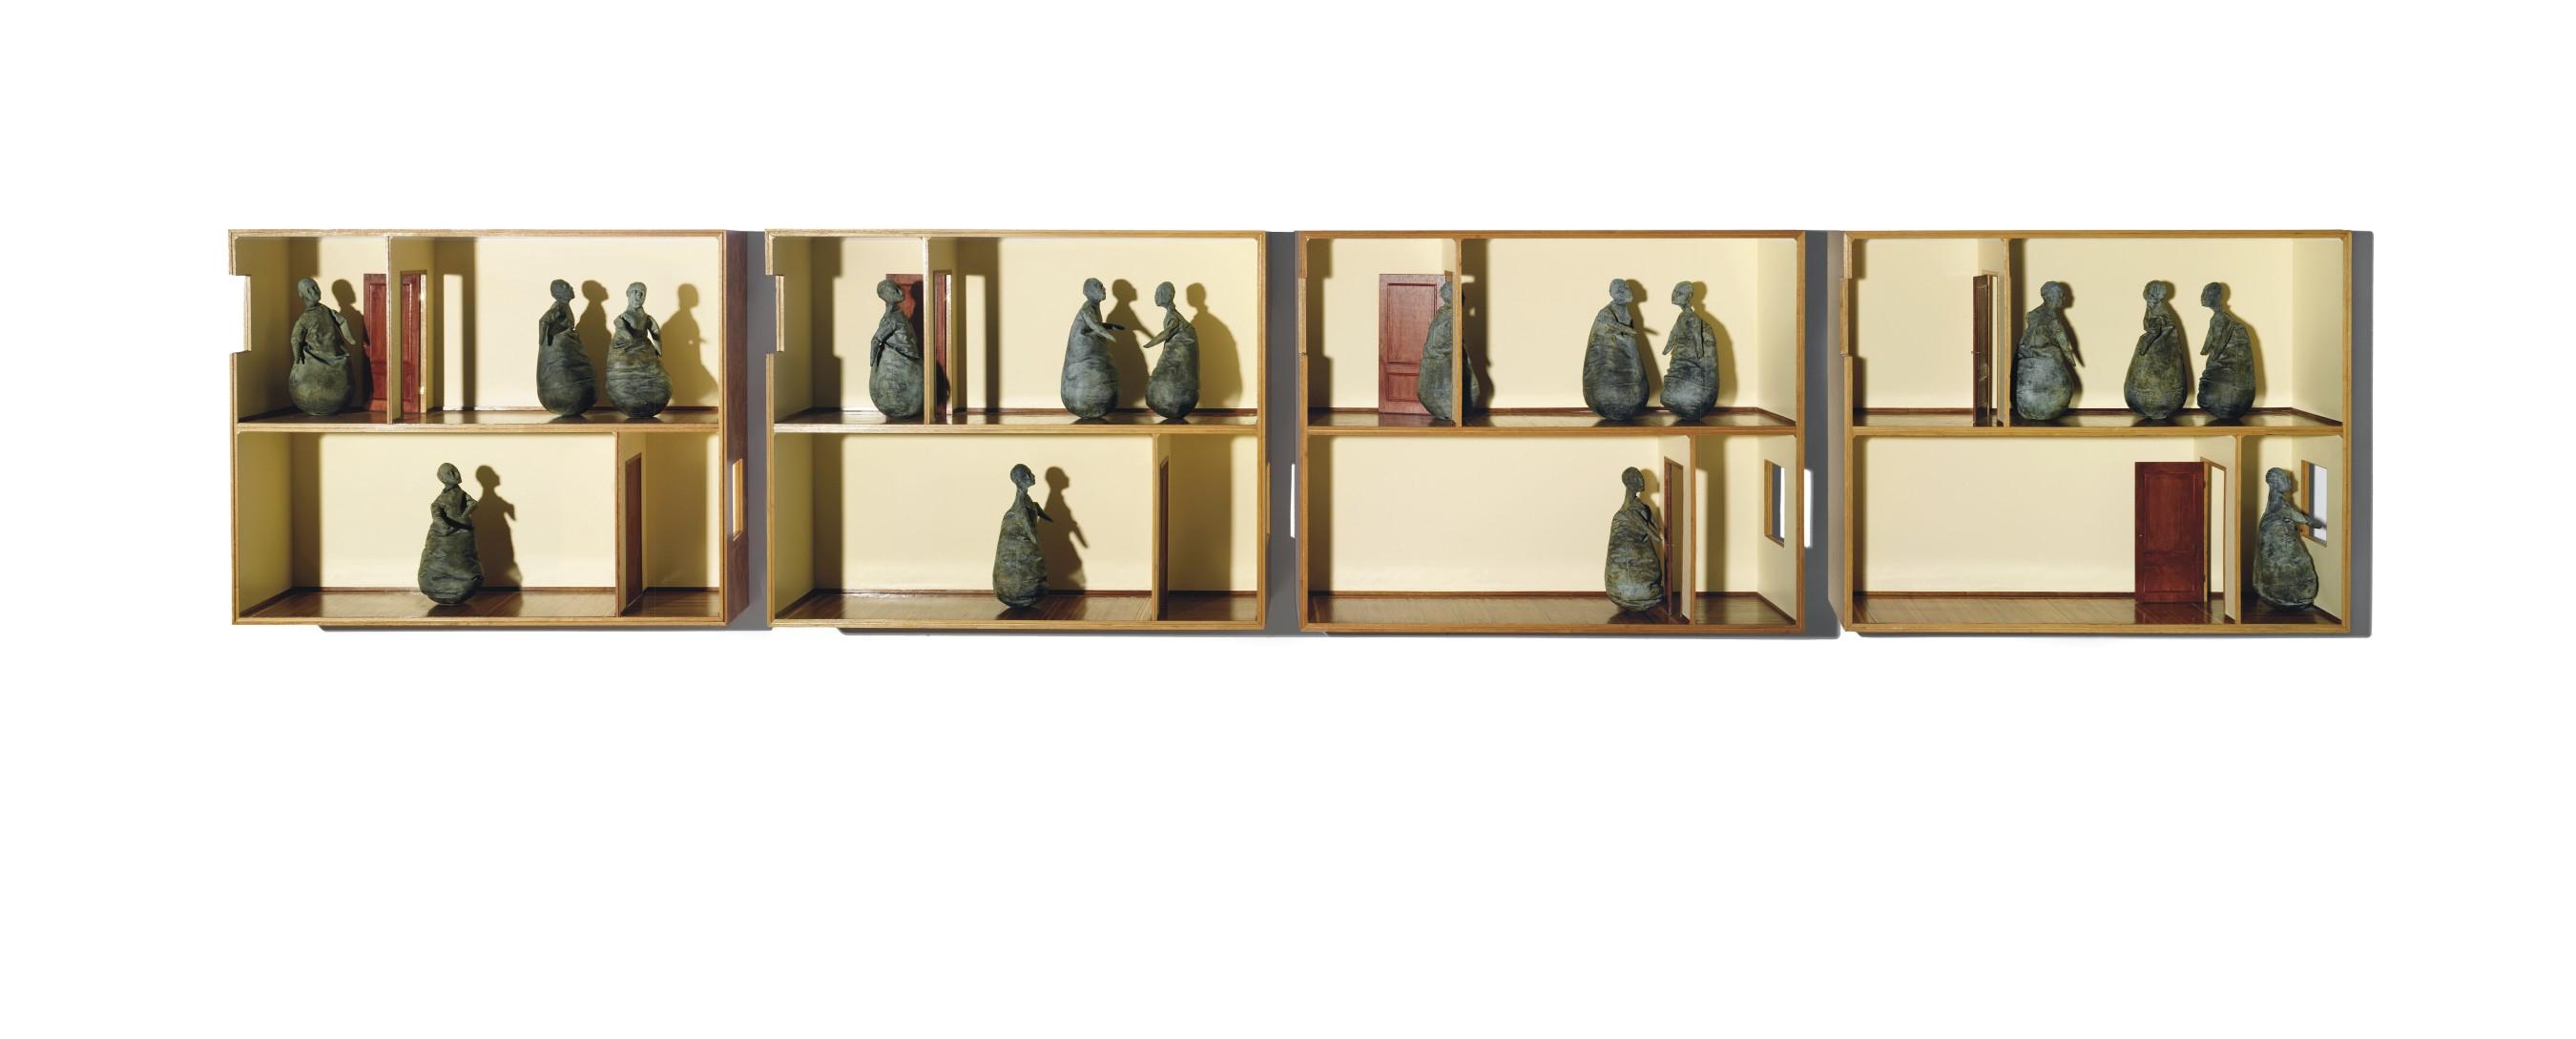 31½ x 39 3/8 x 11 7/8in (80 x 100 x 30cm) - est. £300,000 - £400,000